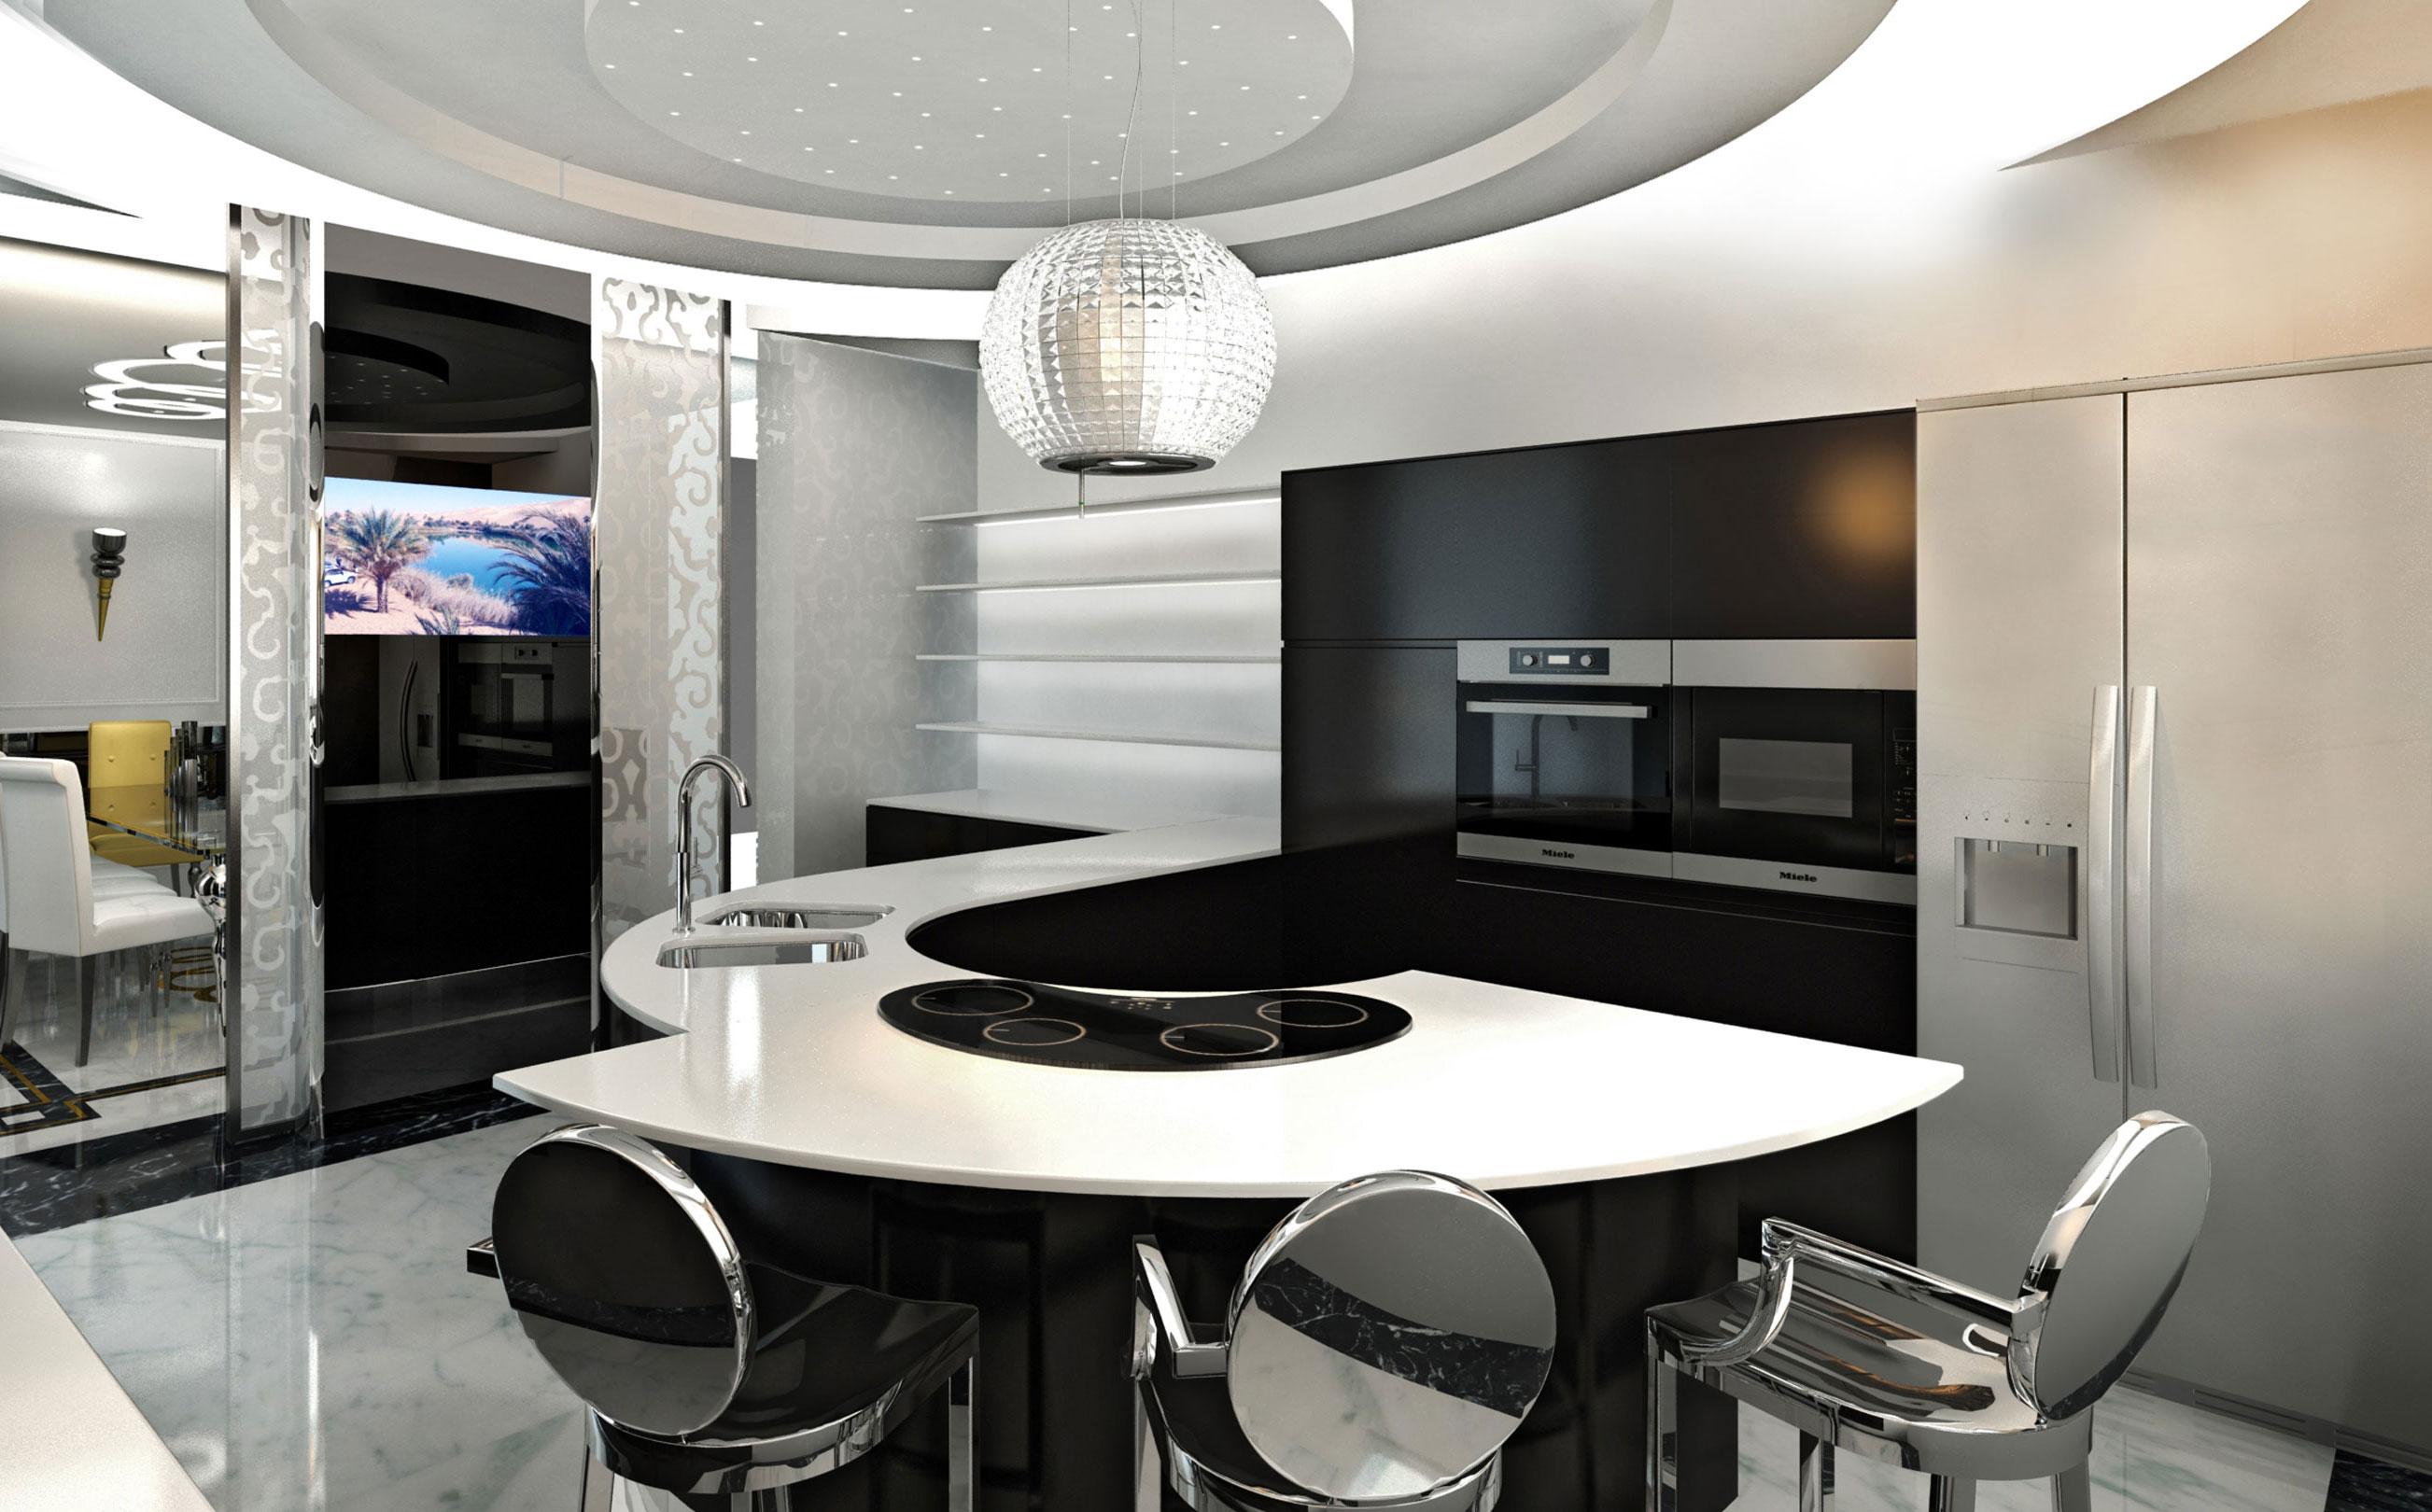 Cucina_Villa_Libia-04